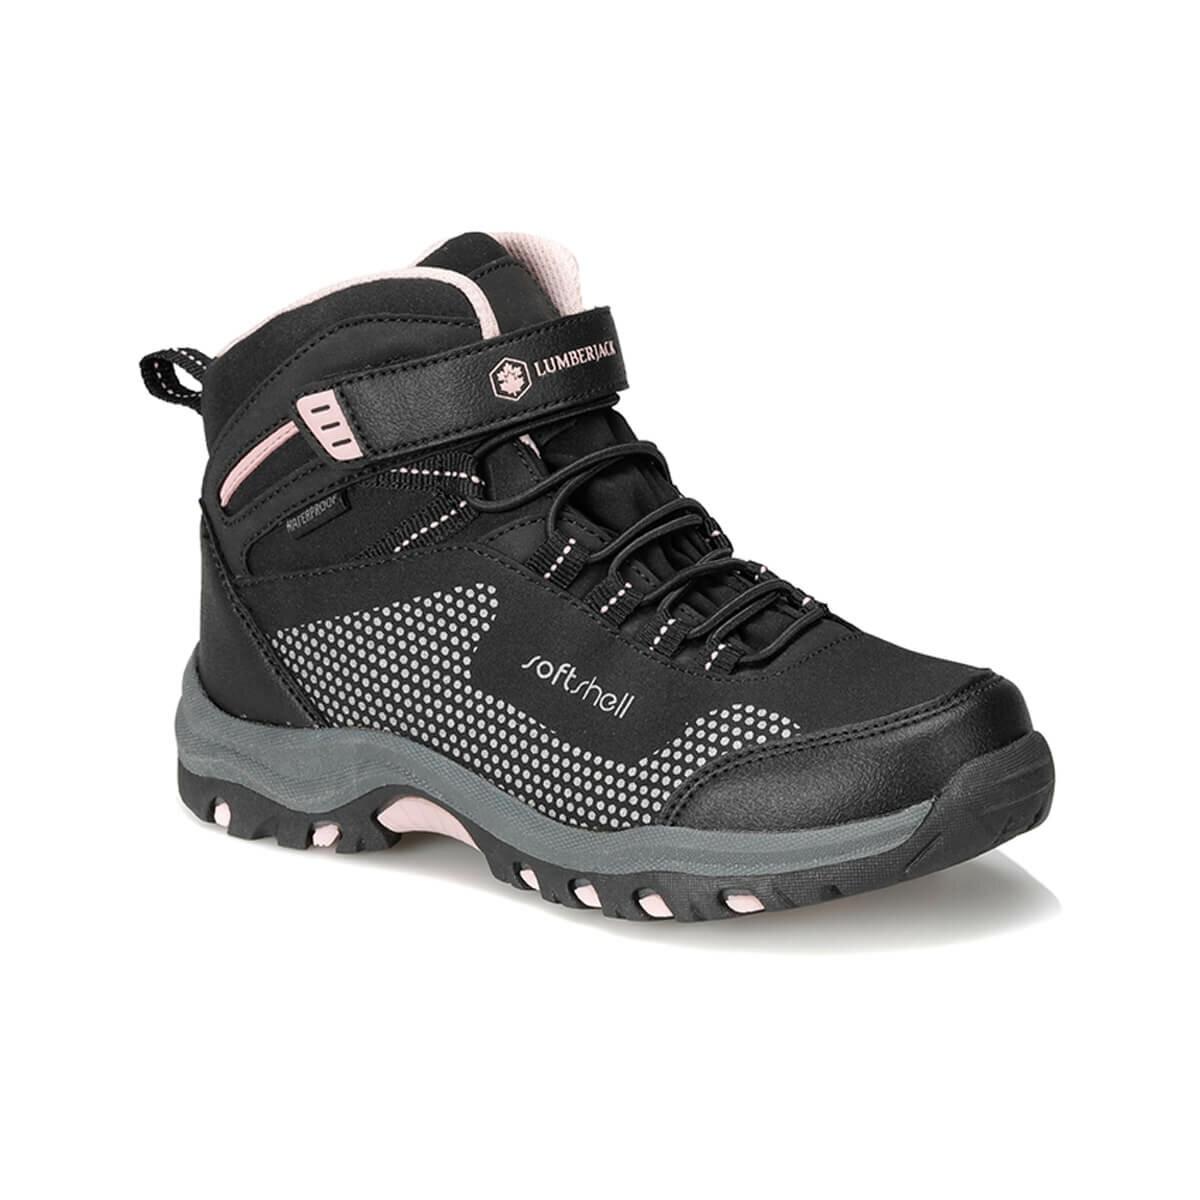 FLO FULLER HI 9PR Black Female Child Boots LUMBERJACK